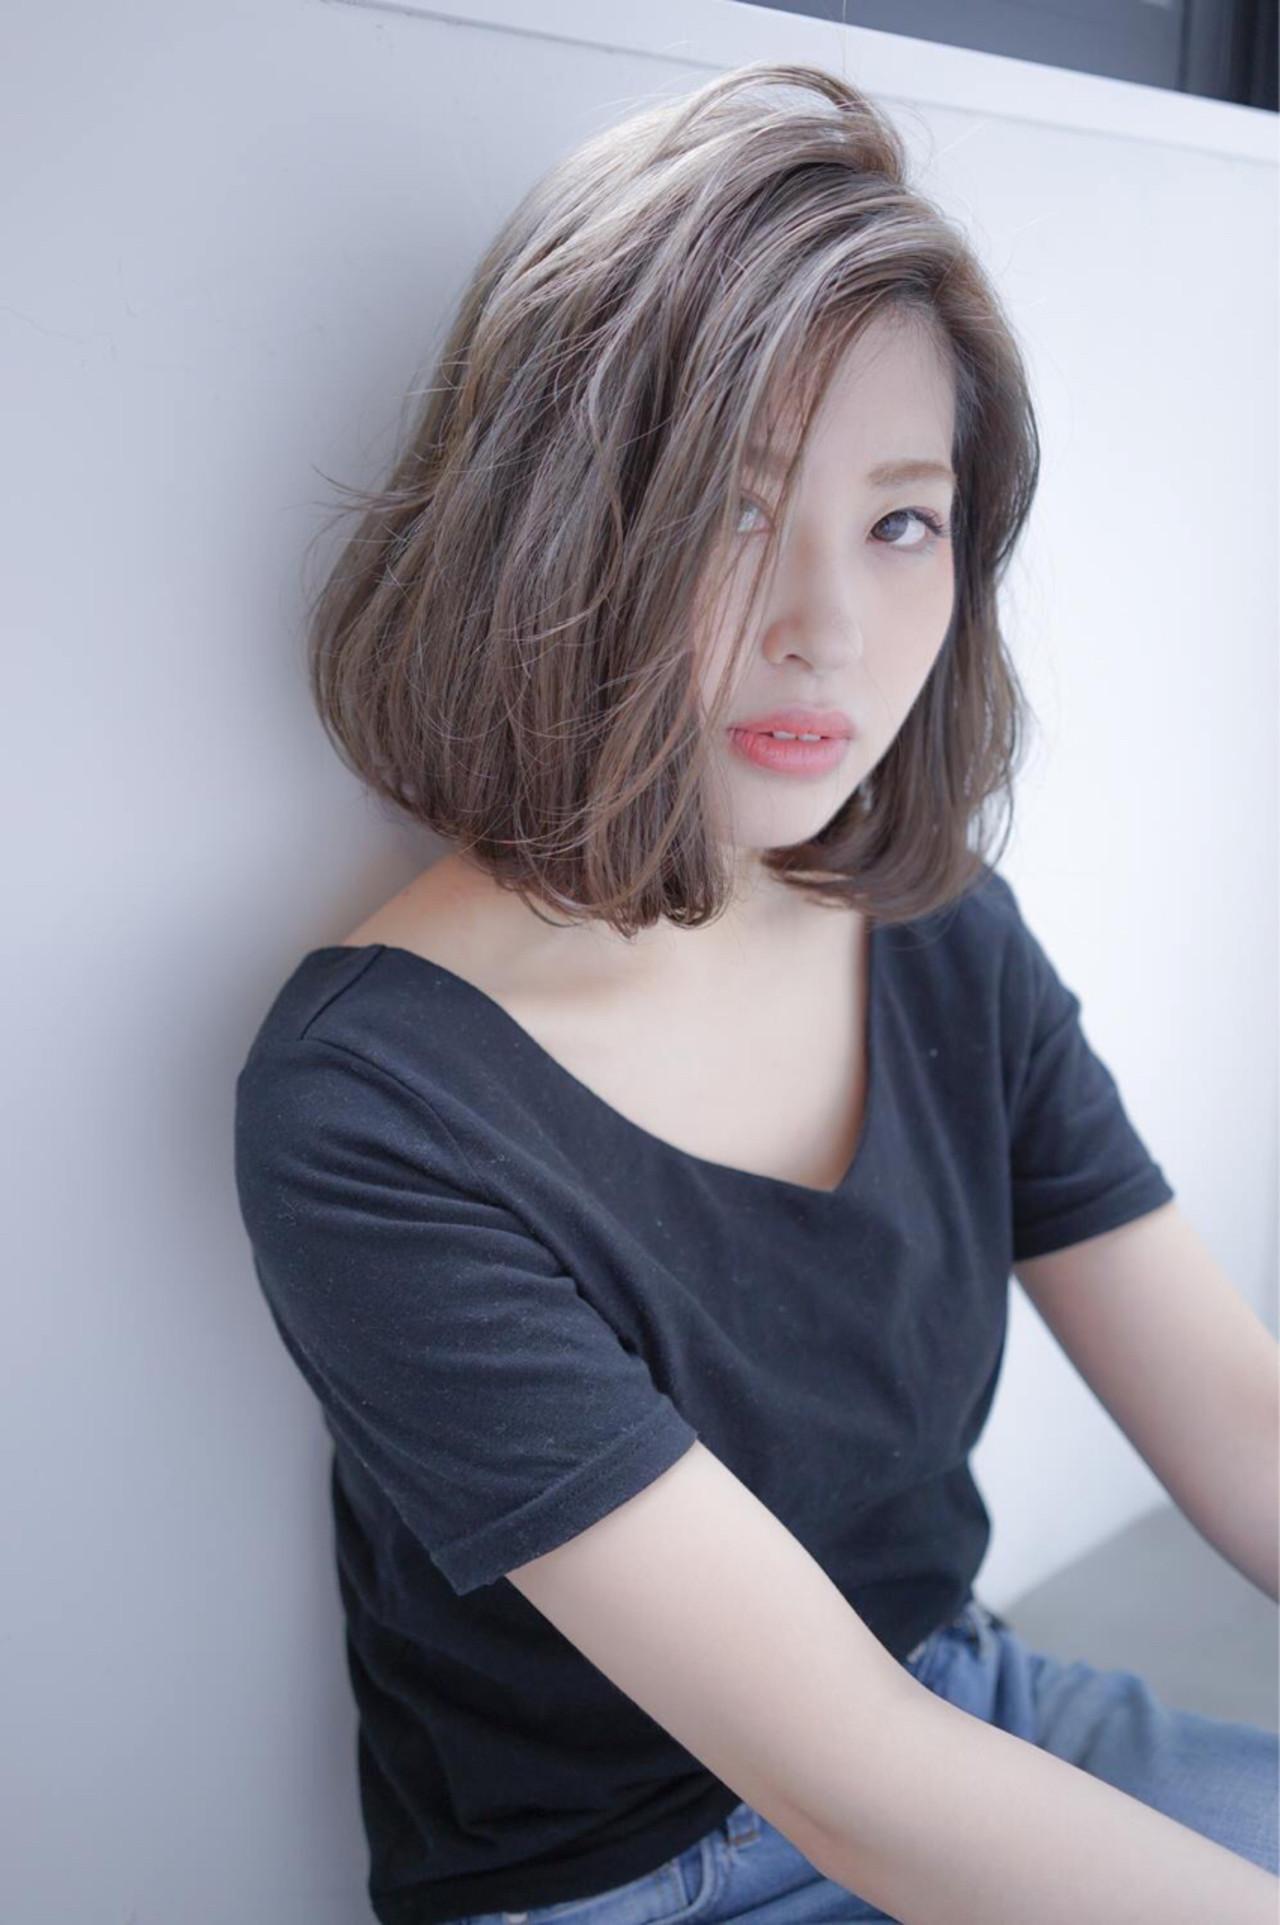 やっぱり可愛いショートボブ!ヘアスタイルに迷ったときにやりたい髪型10選 桝田 由佳